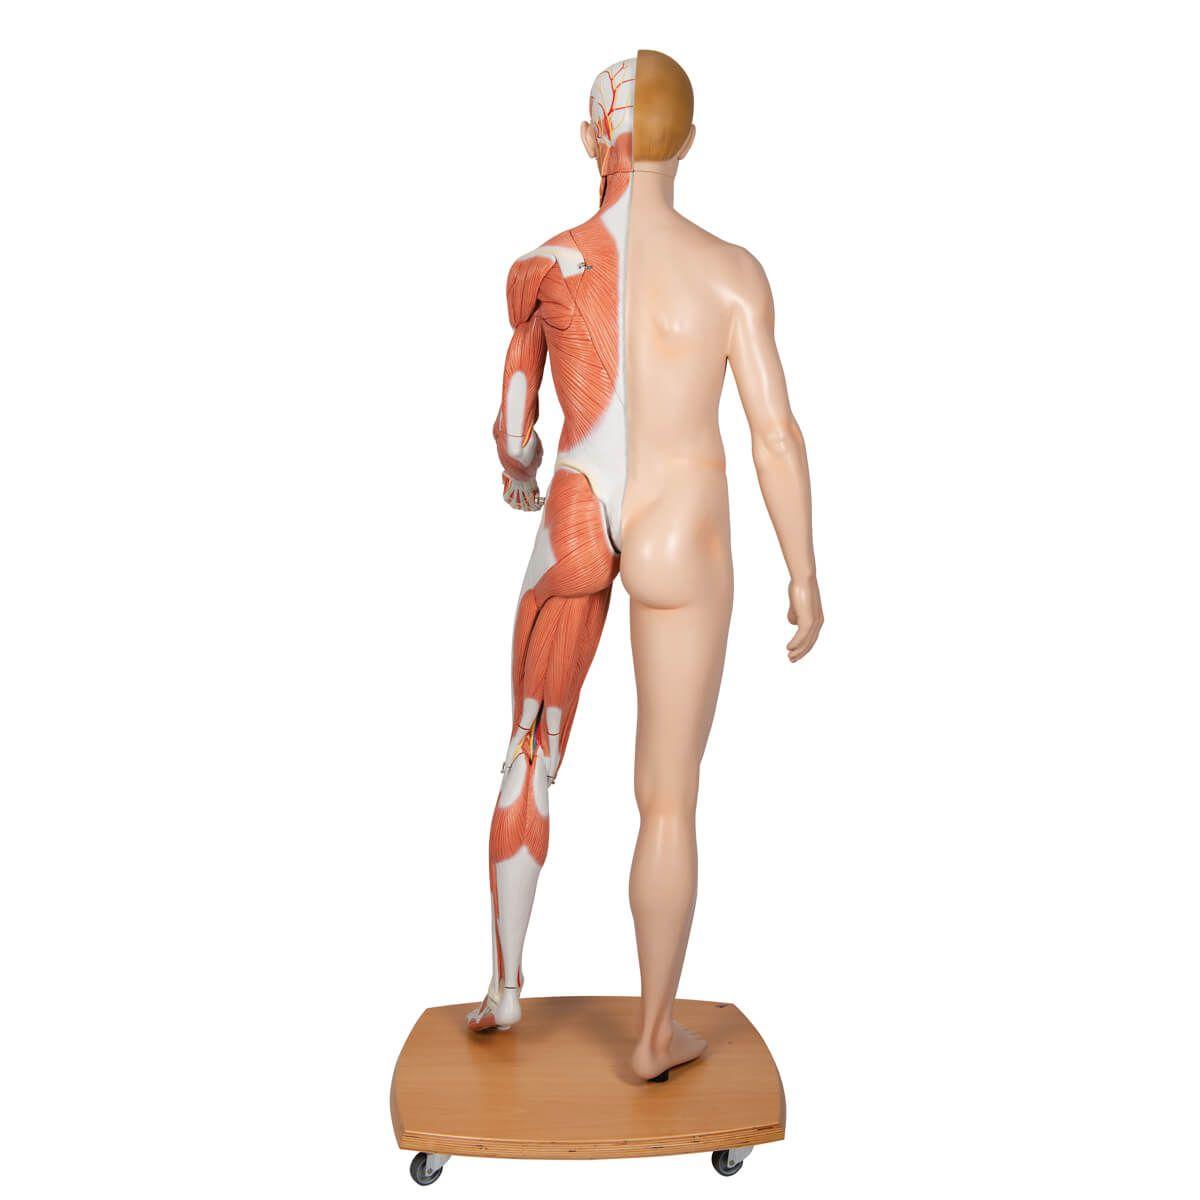 3b Scientific Modelo de Corpo Inteiro Masculino E Feminino, com 39 Peças